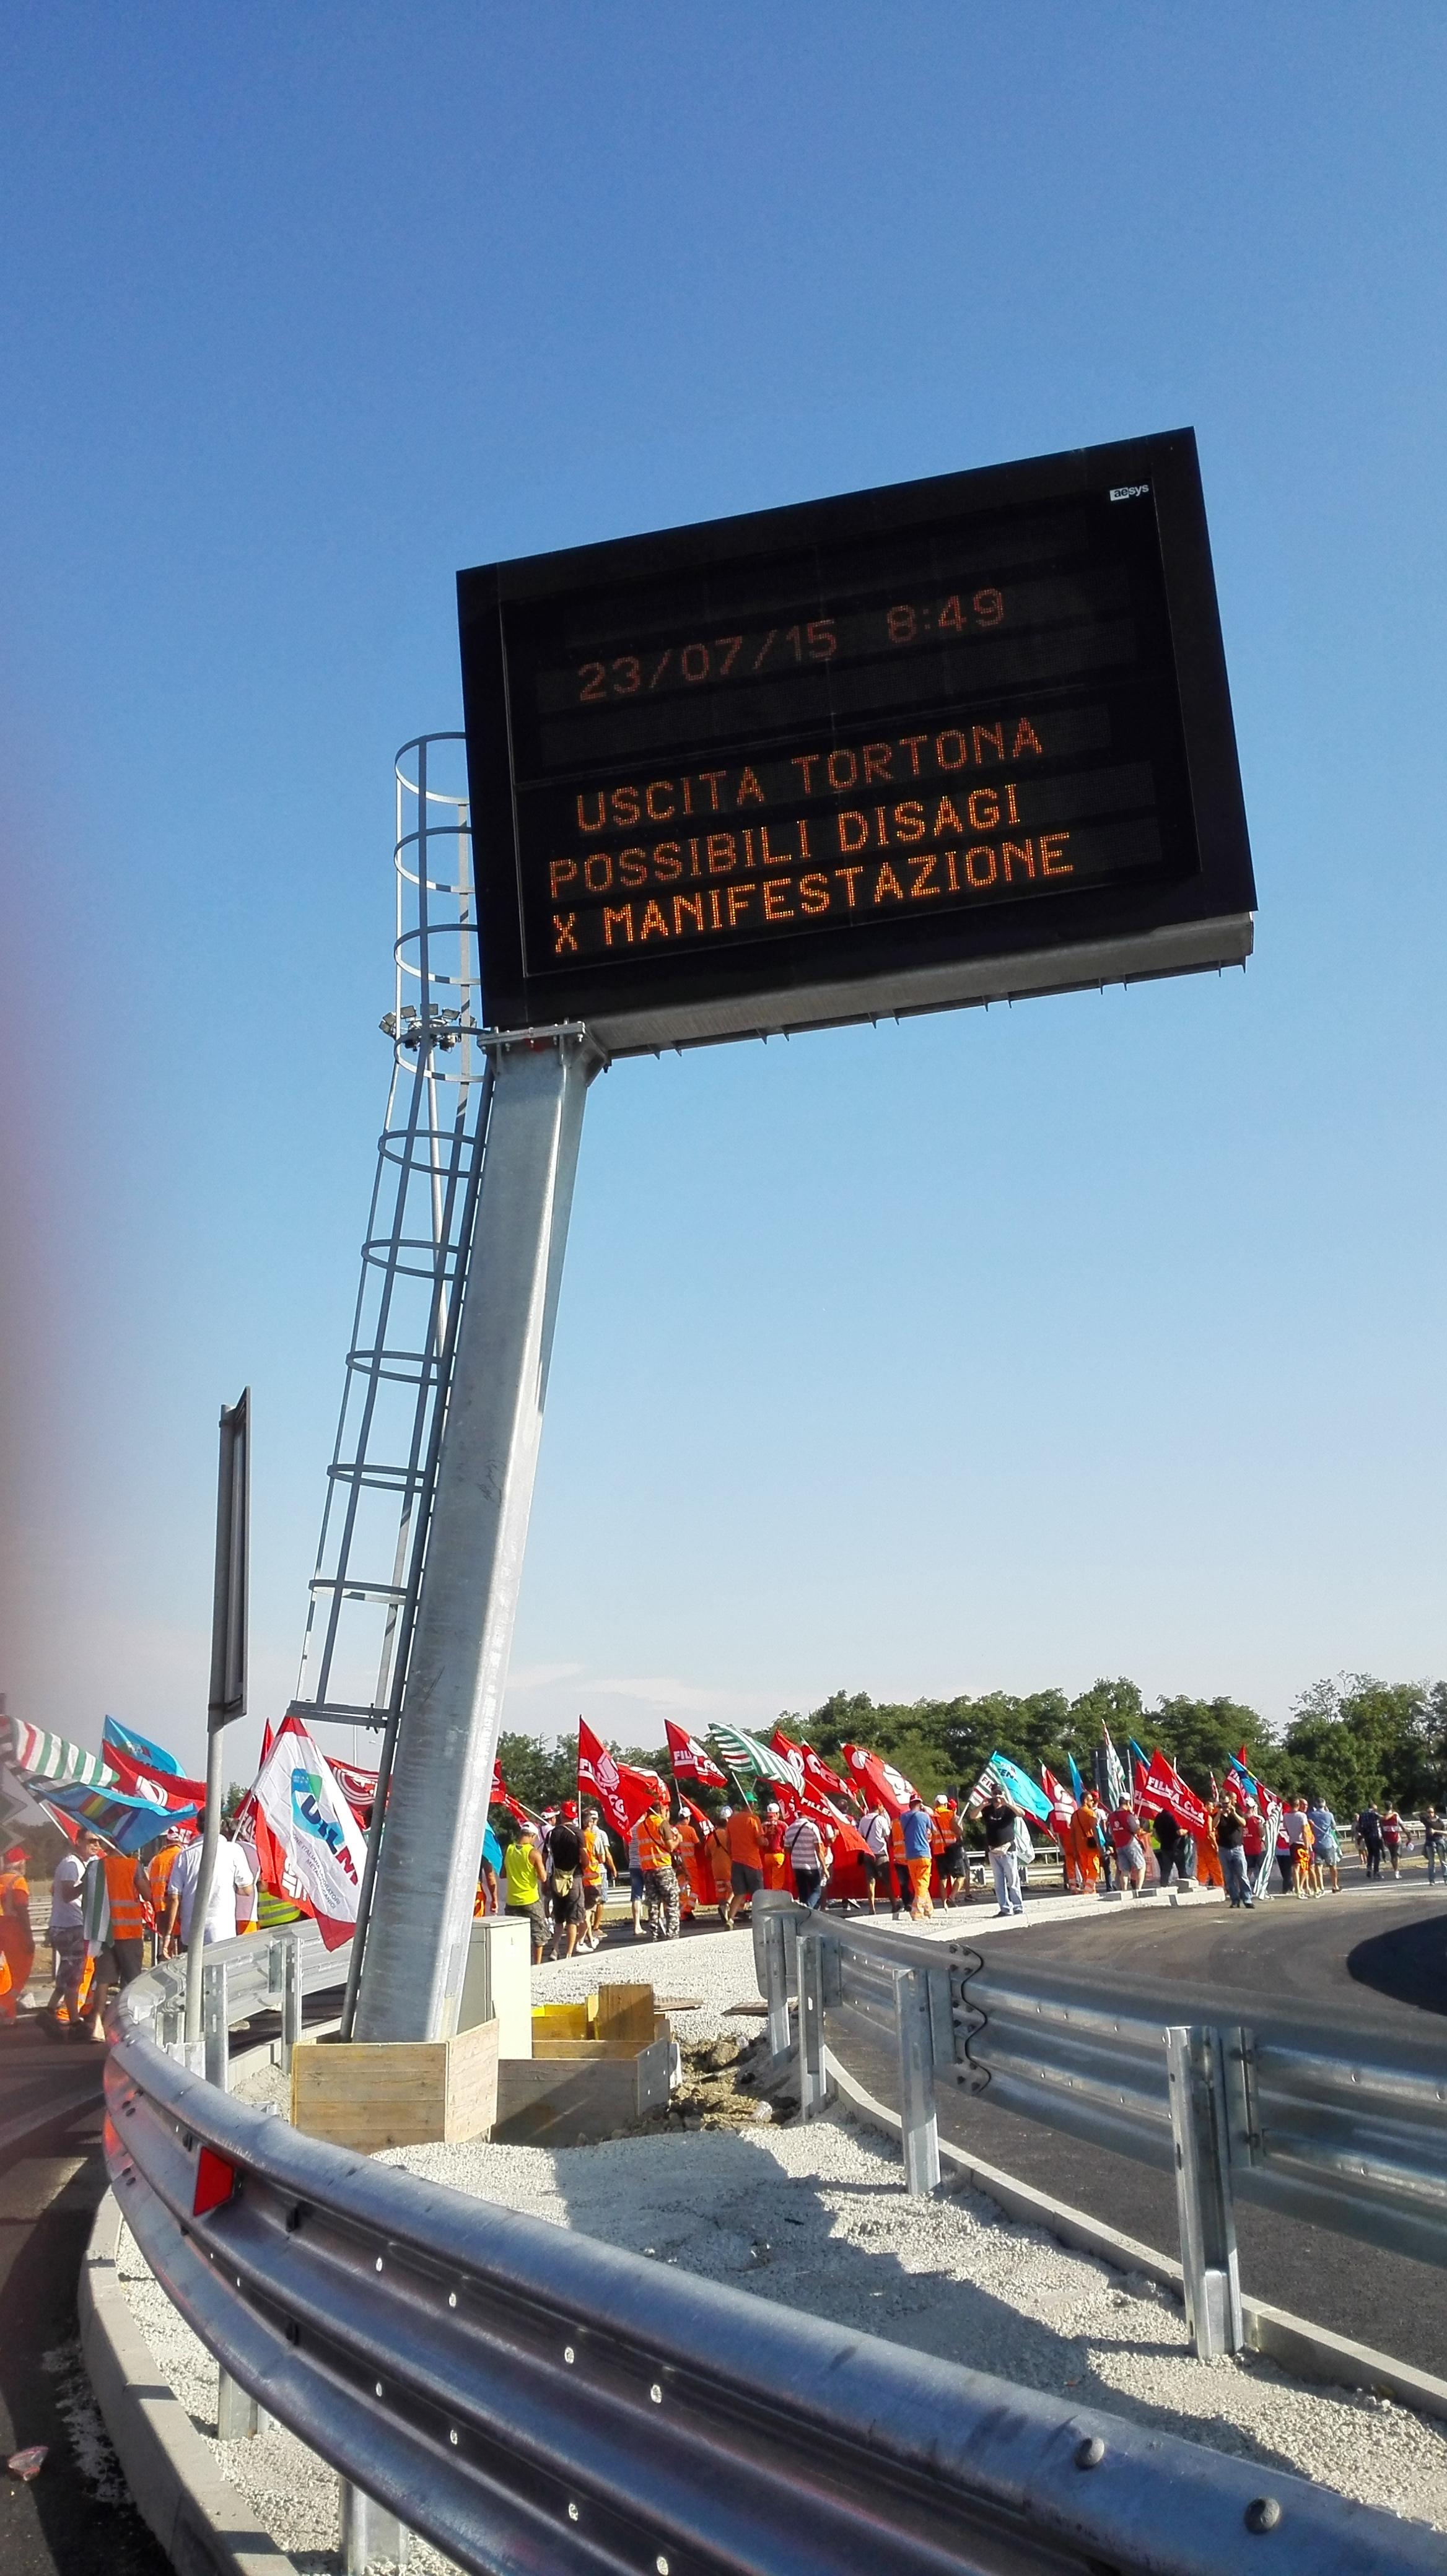 Appalti oggi lo sciopero in piemonte fenealuil for Ccnl legno e arredamento industria